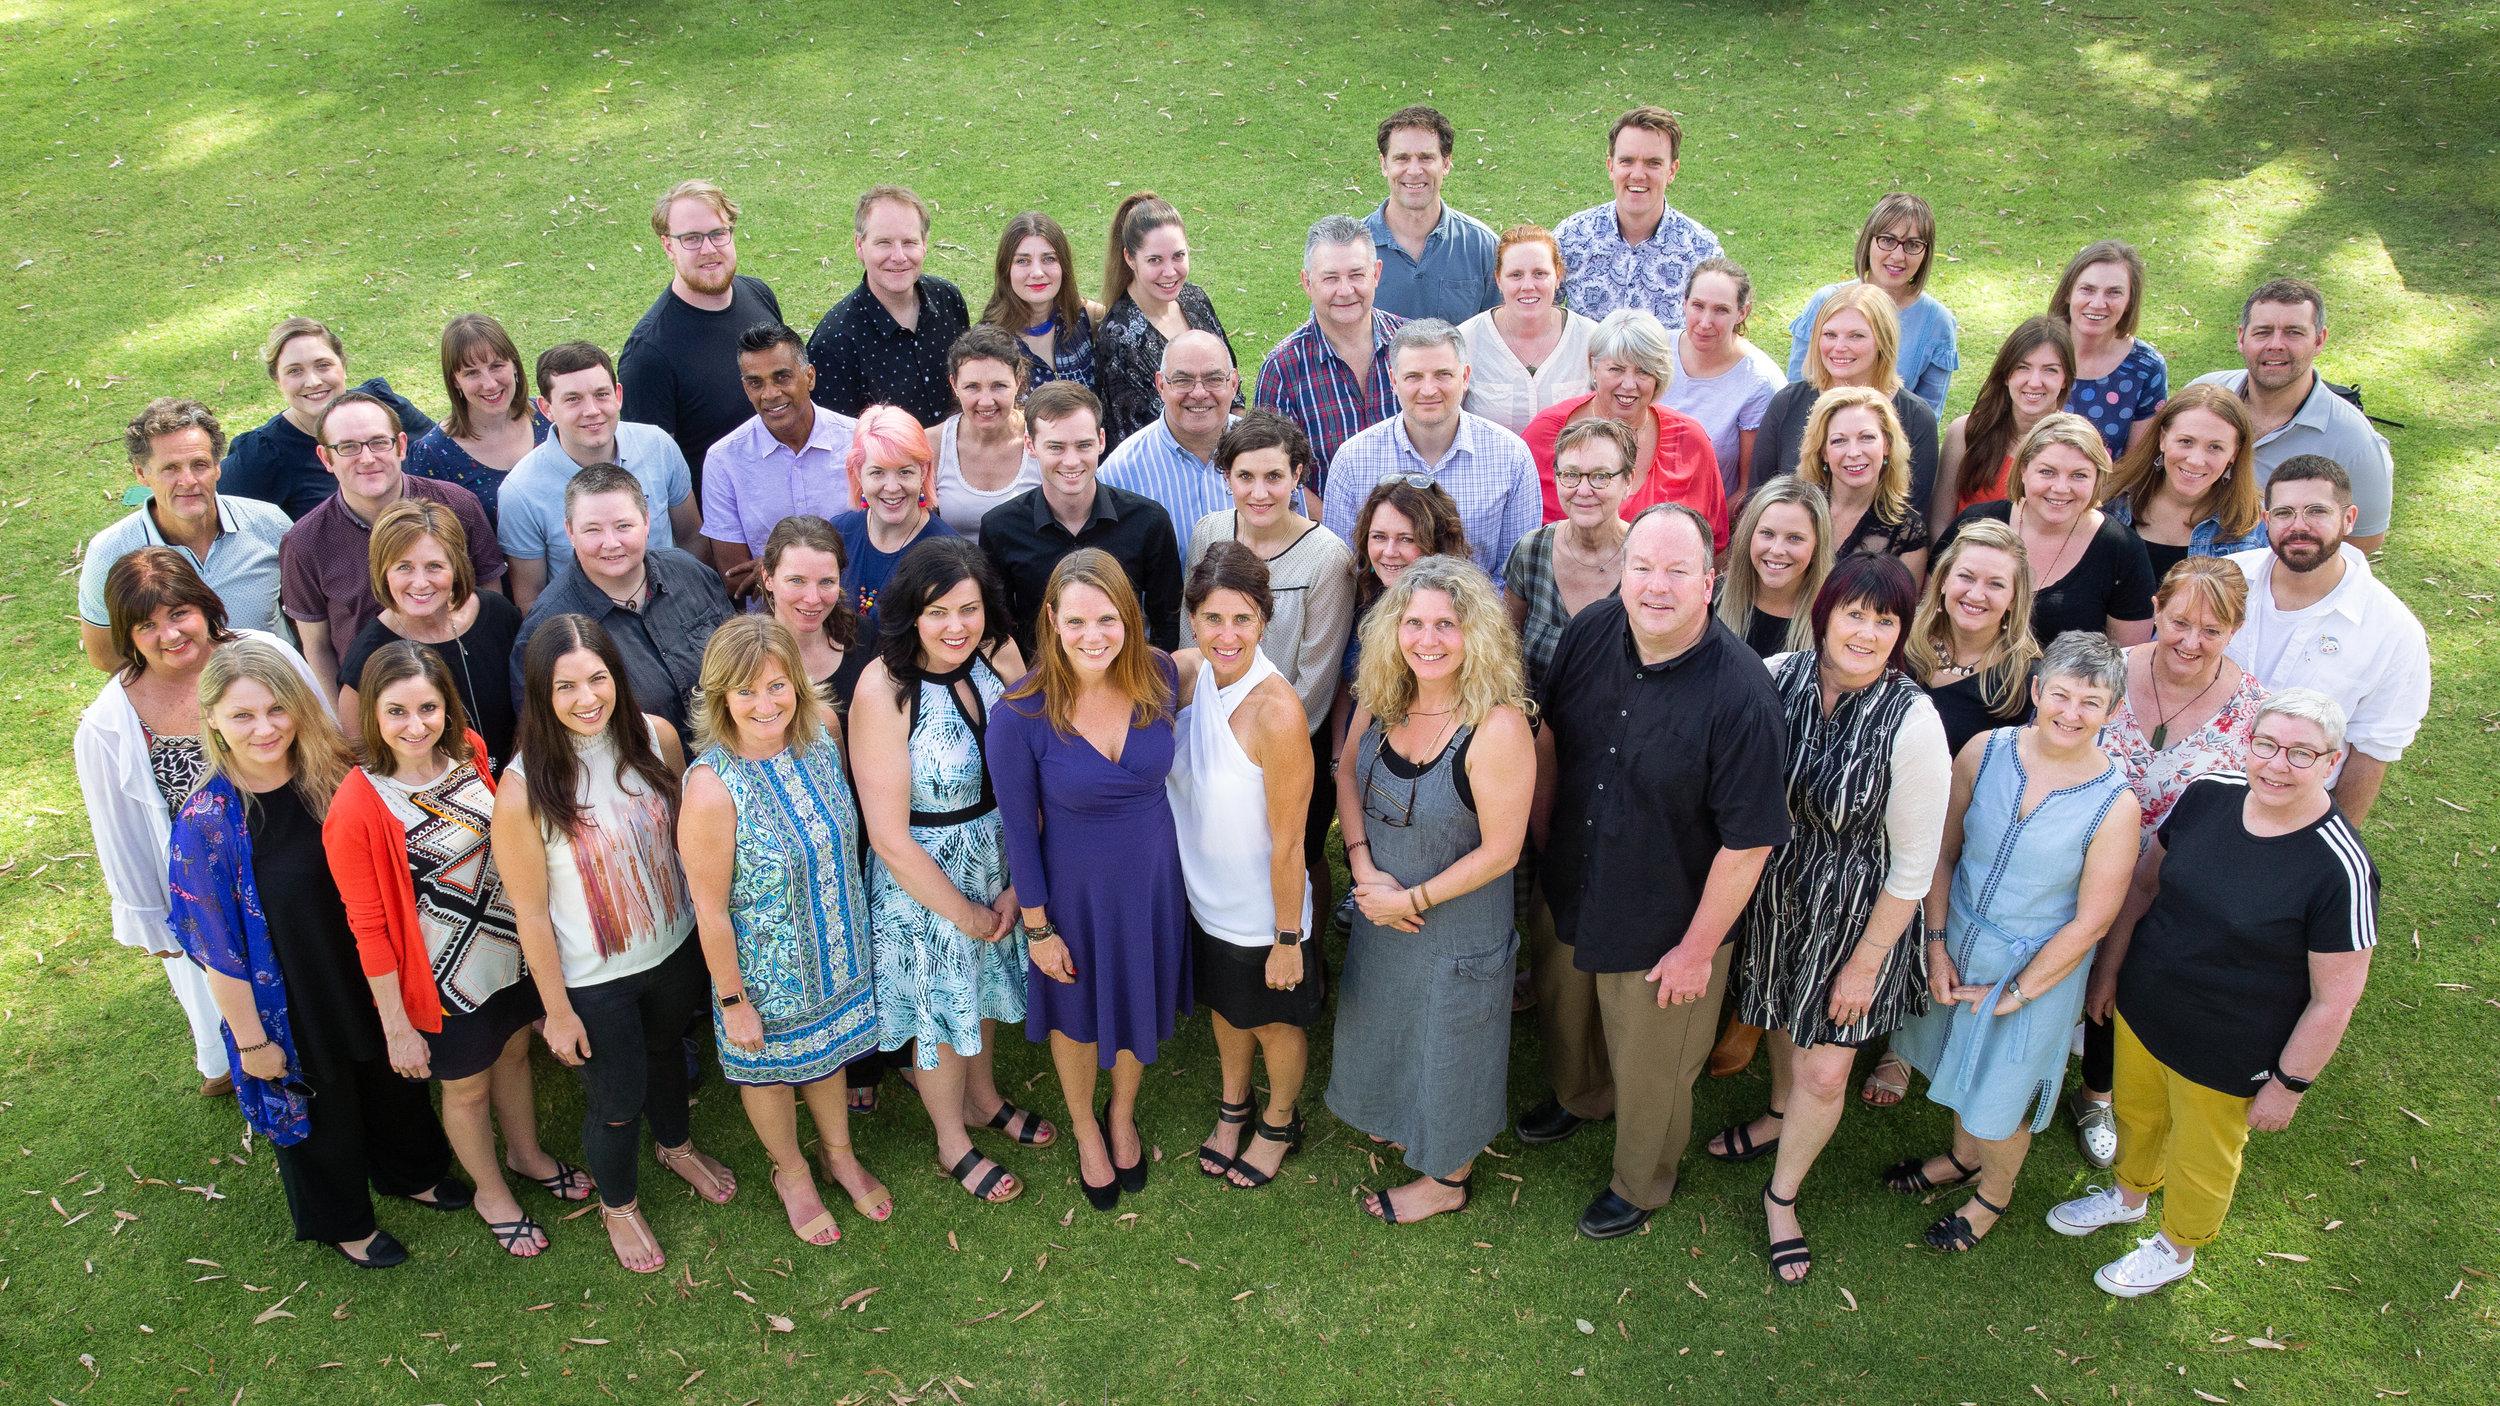 Lett av medlemmar, icke vinstdrivande - Elia är en internationell, icke-vinstdrivande organisation med medlemmar över hela världen, bestående av utbildare, konsulter och anställda – alla hängivna vårt uppdrag.